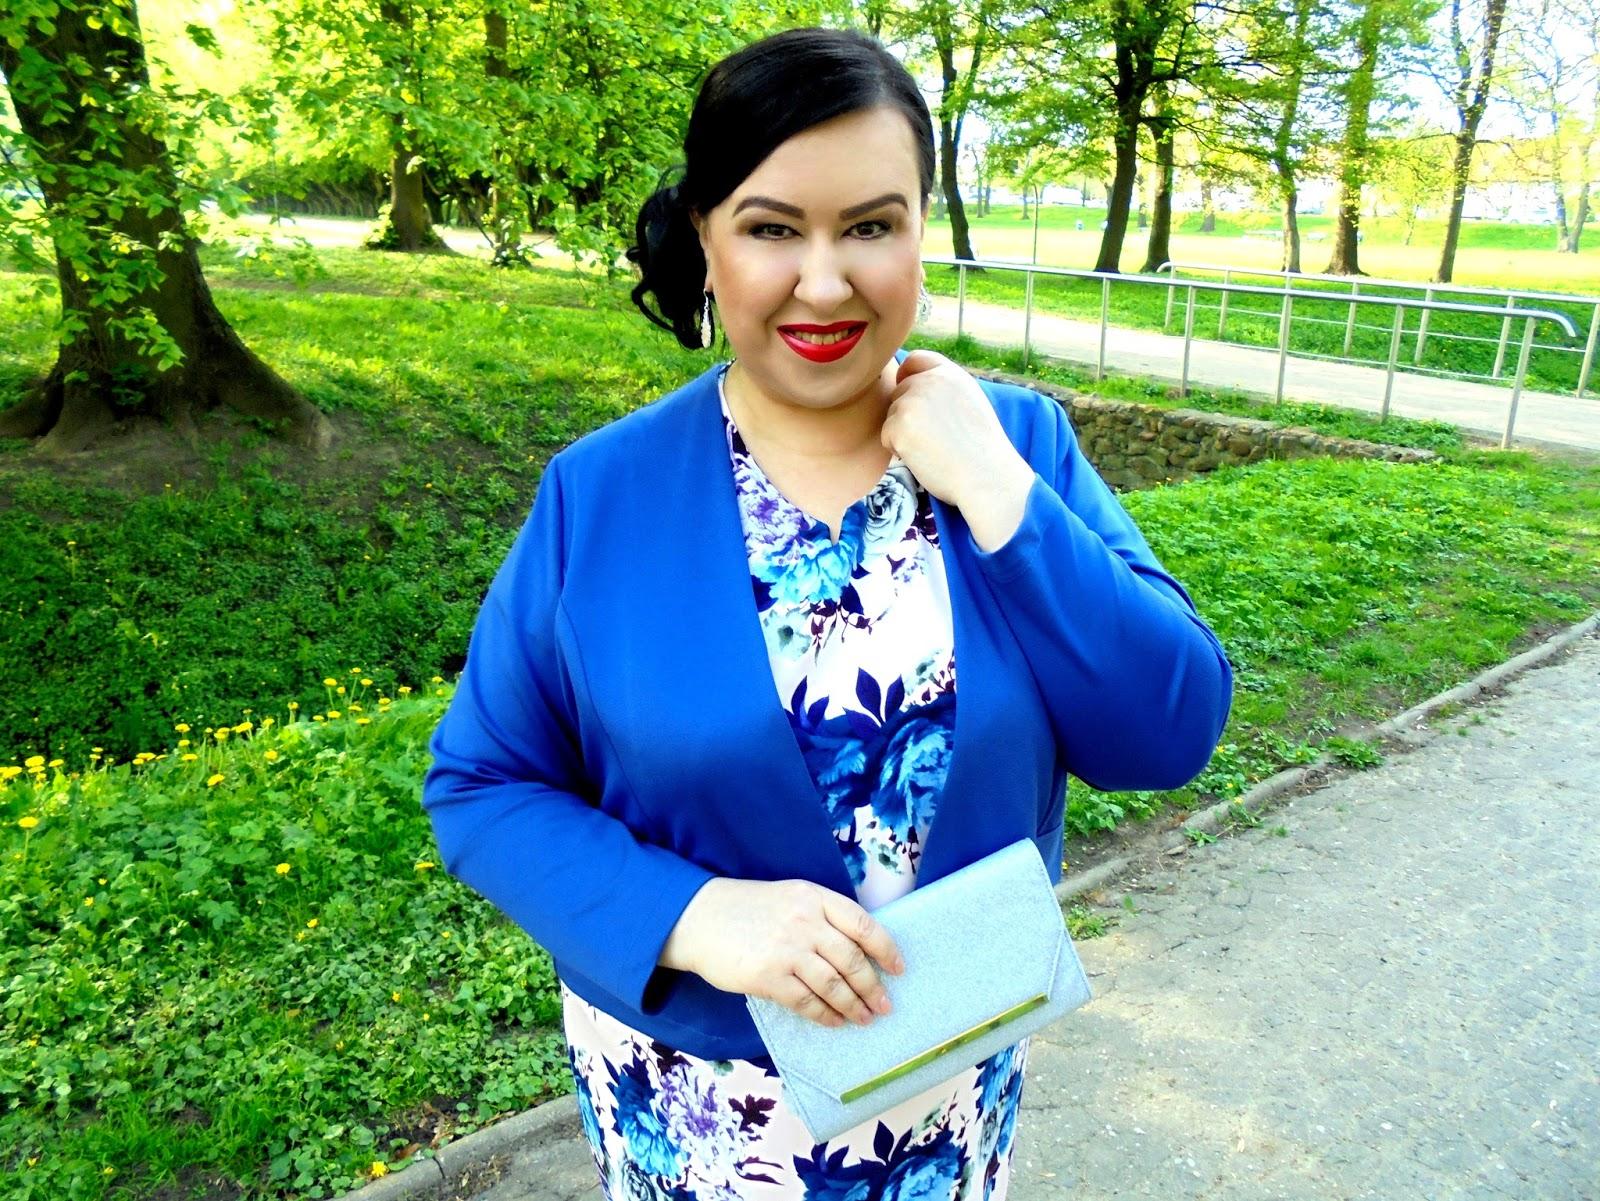 df38003f50 Agnieszka Kownacka o modzie i urodzie  Idealny zestaw na komunię ze ...